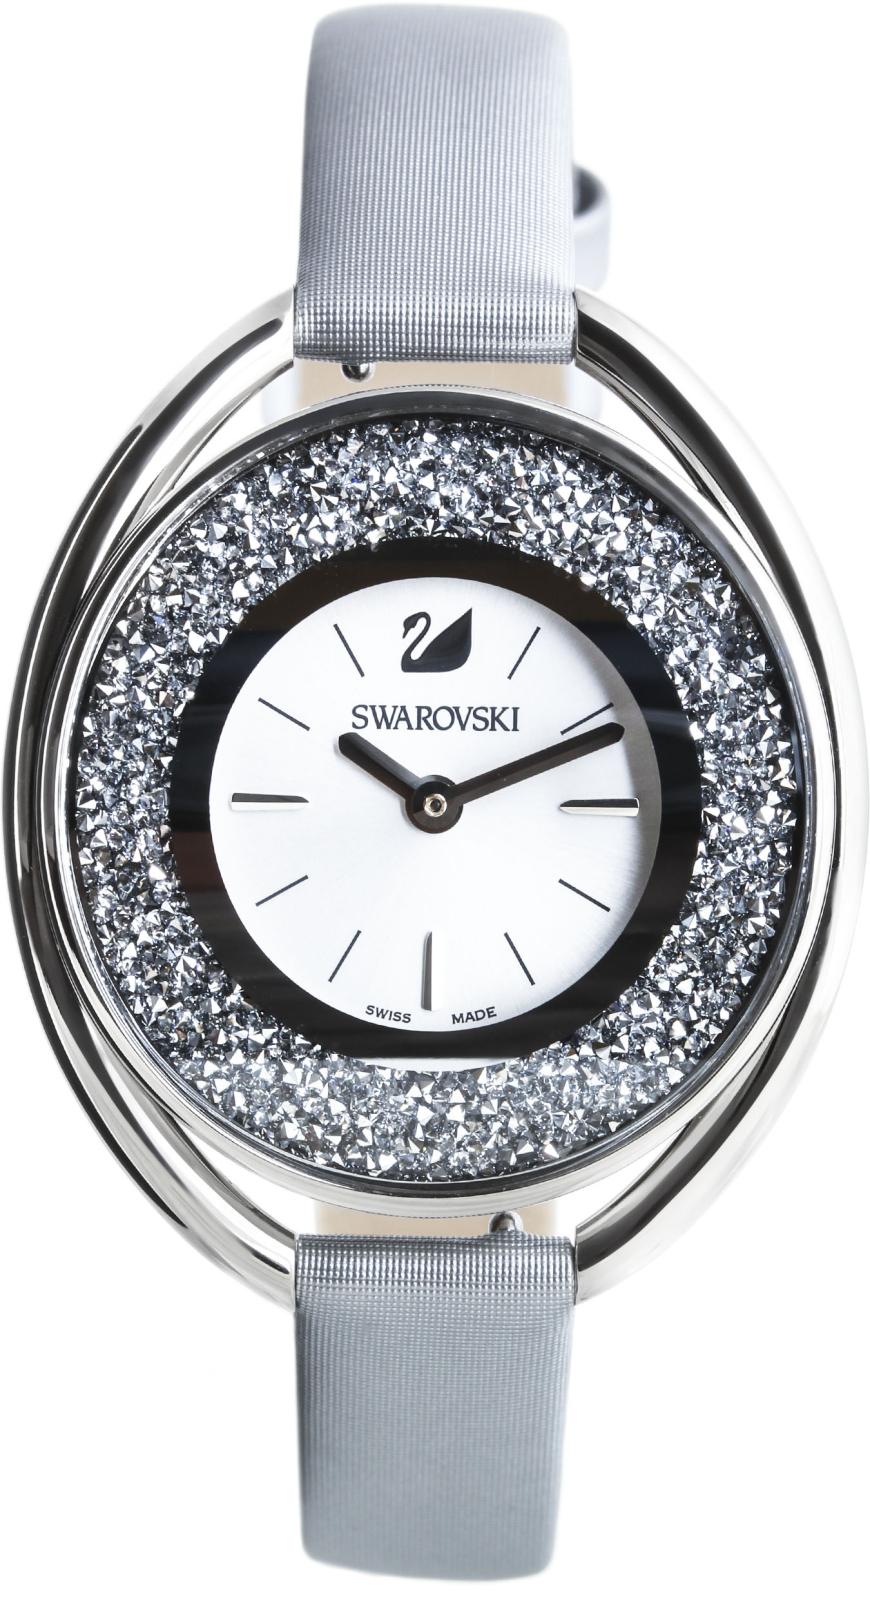 Swarovski Crystalline Oval 5263907Наручные часы<br>Швейцарские часы Swarovski Crystalline Oval 5263907<br><br>Пол: Женские<br>Страна-производитель: Швейцария<br>Механизм: Кварцевый<br>Материал корпуса: Сталь<br>Материал ремня/браслета: Текстиль<br>Водозащита, диапазон: None<br>Стекло: Минеральное<br>Толщина корпуса: None<br>Стиль: None